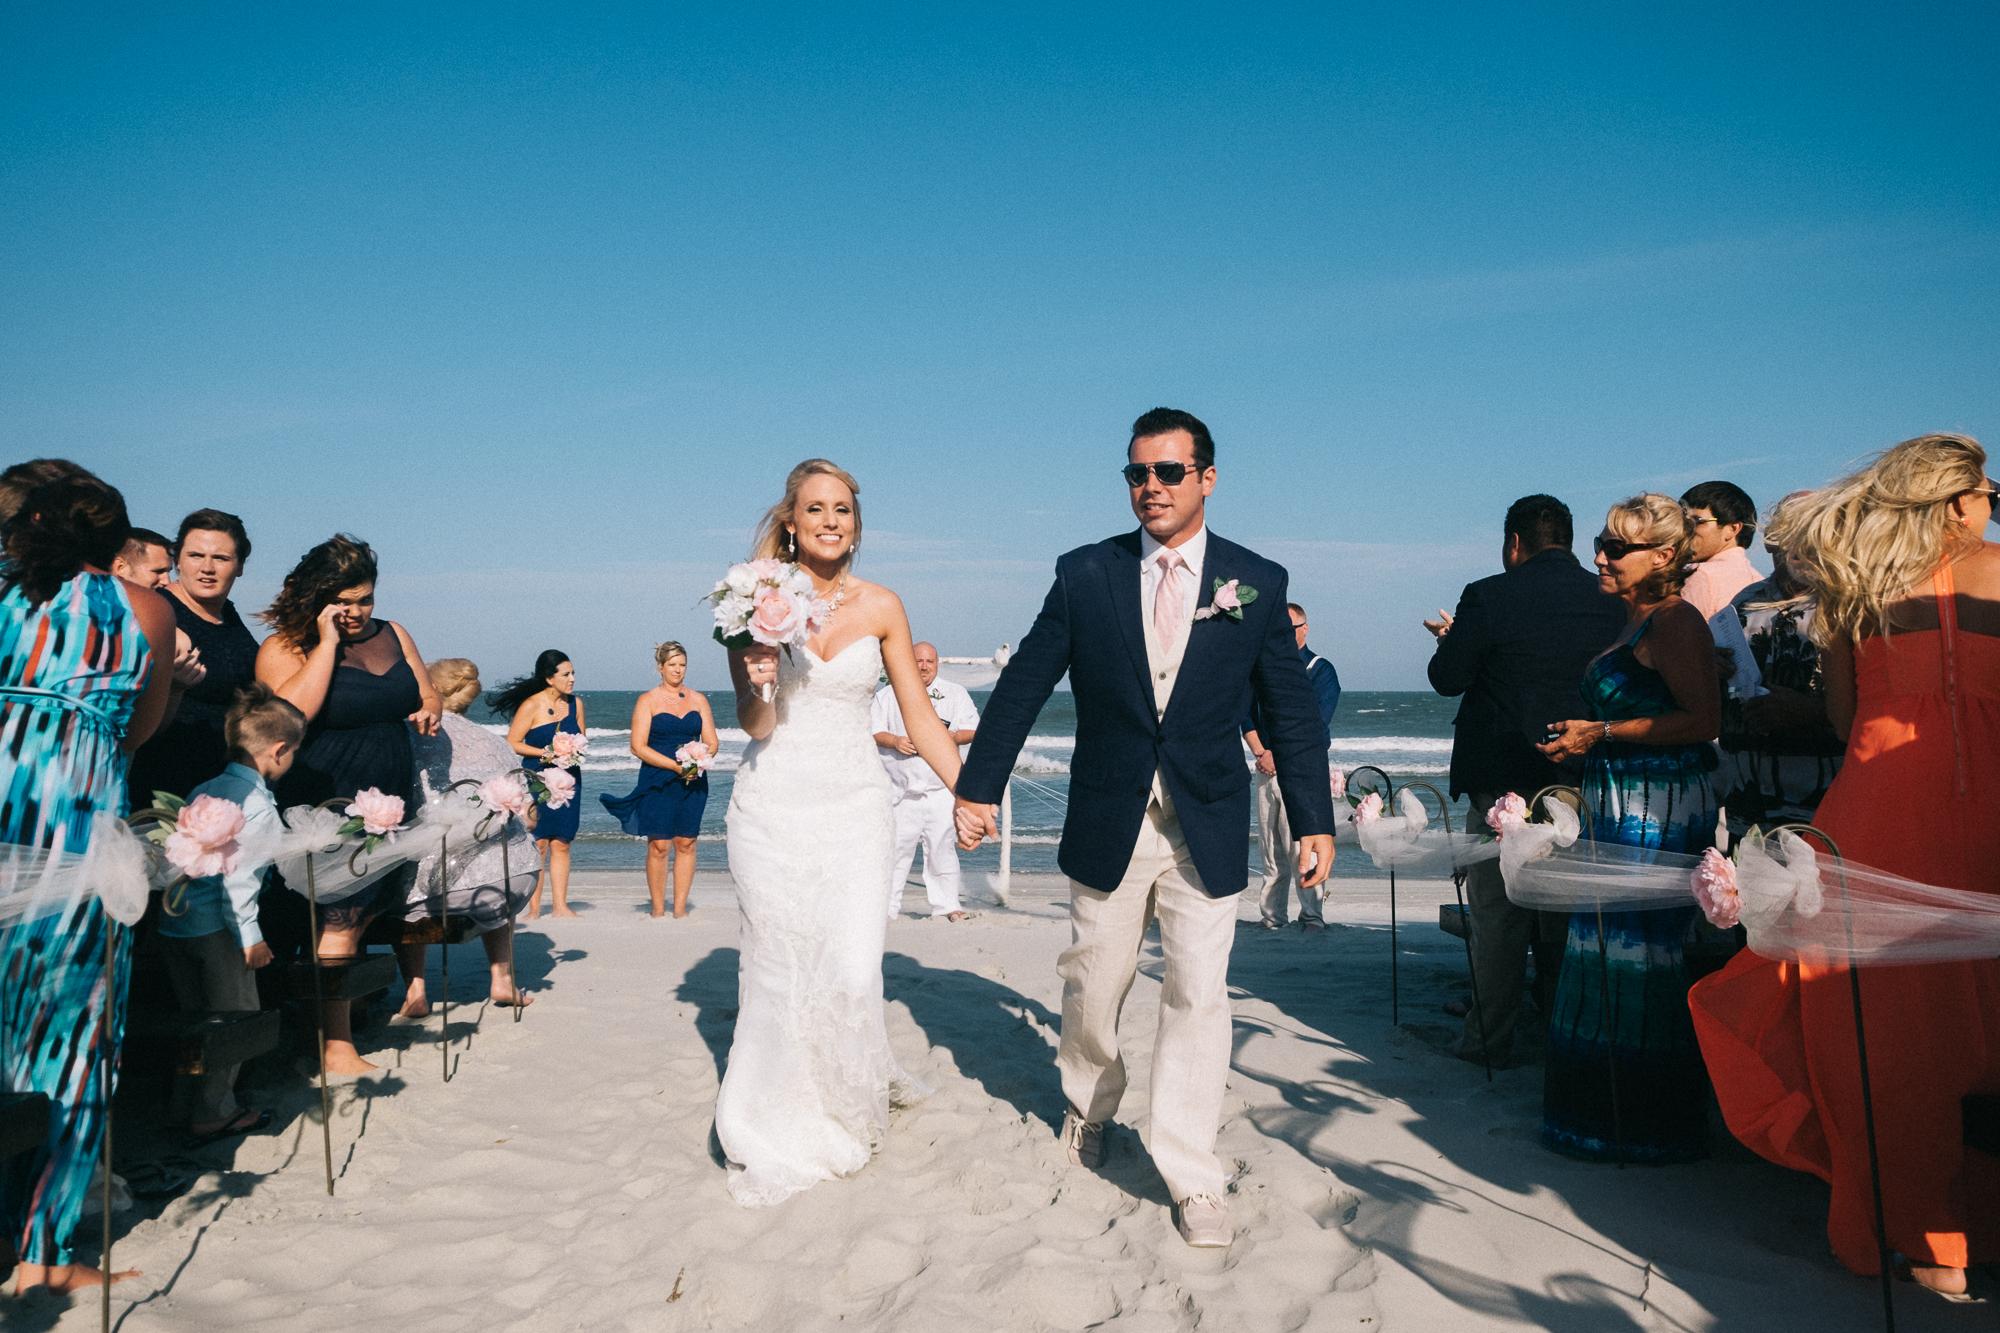 Trisha-Ryan-wedding-blog-34.jpg